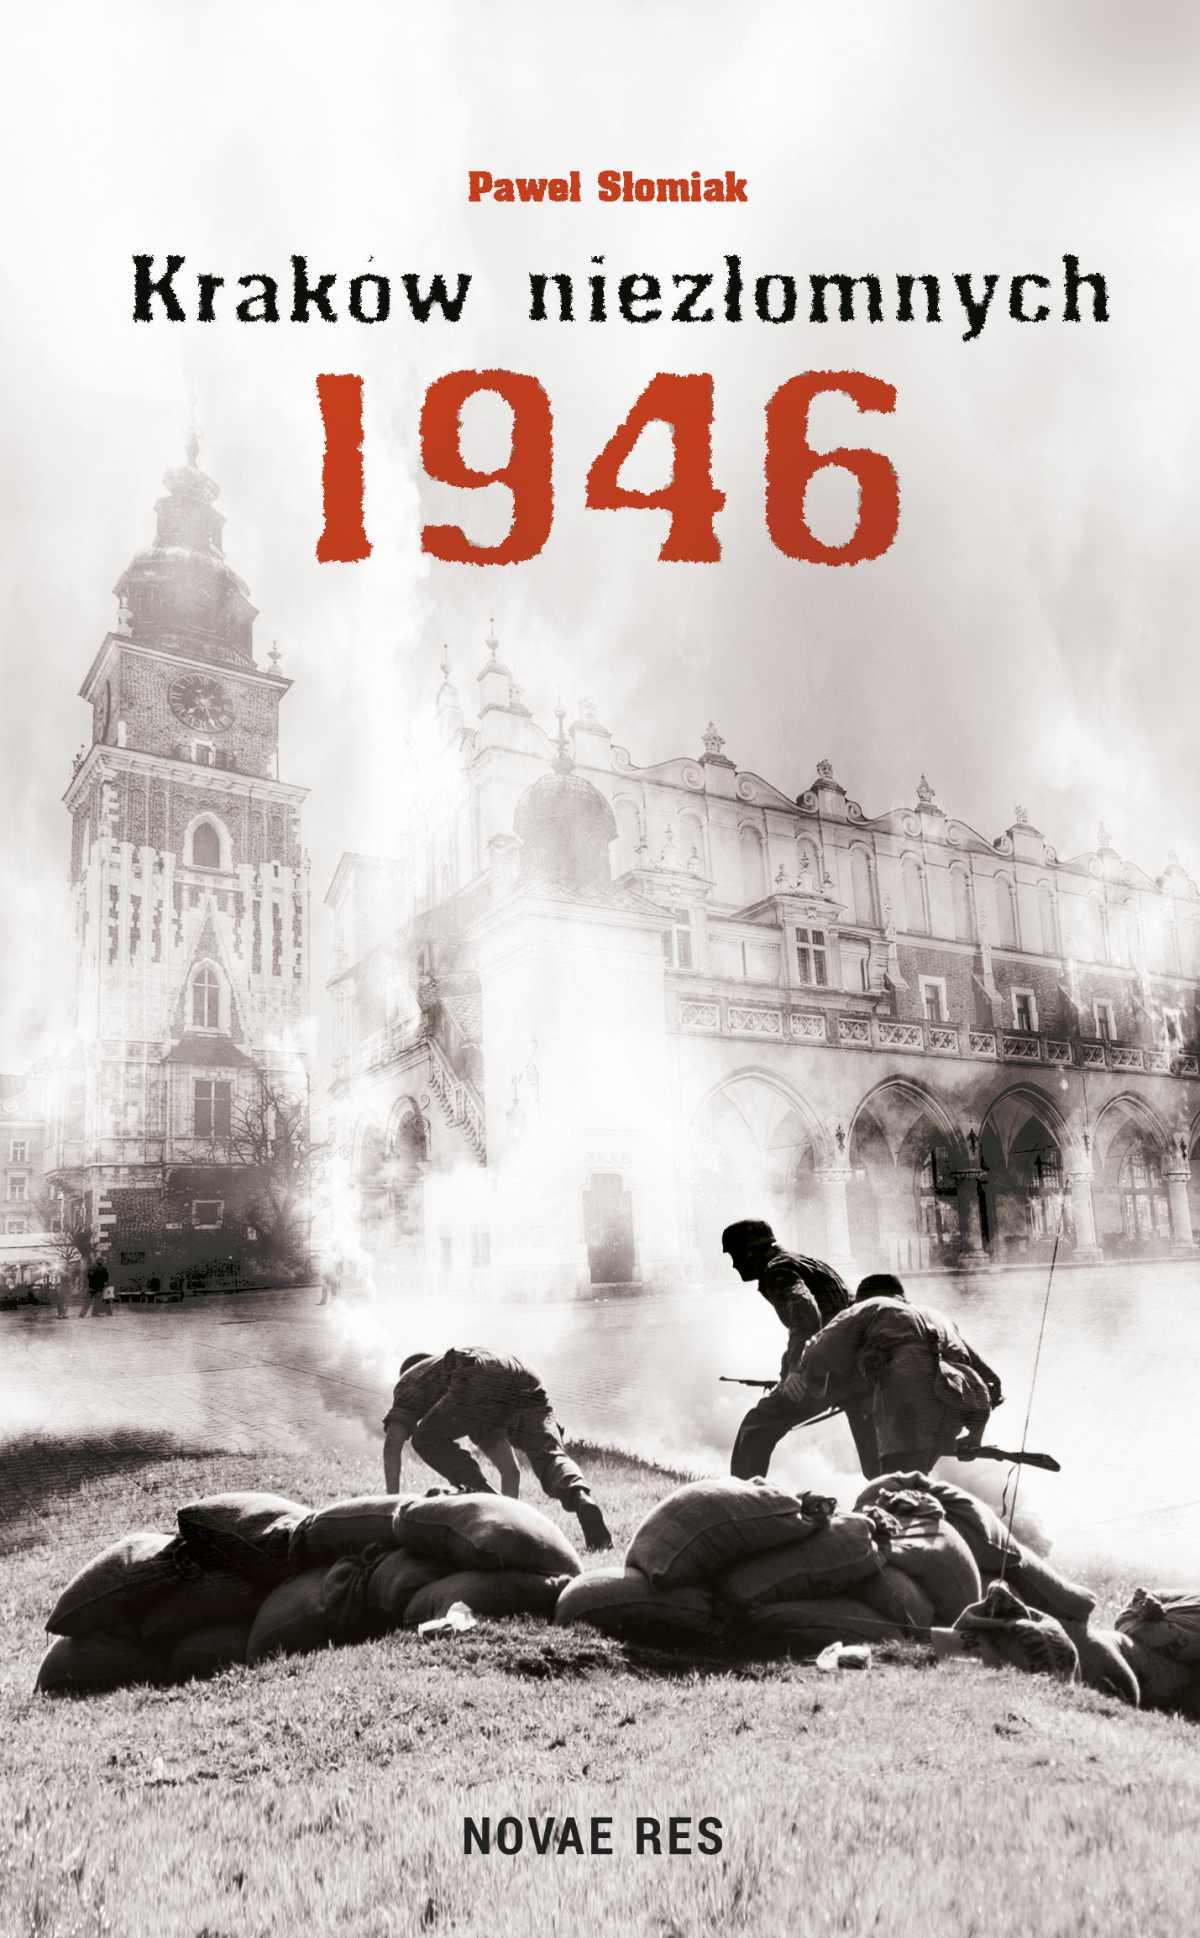 Kraków niezłomnych 1946 - Ebook (Książka na Kindle) do pobrania w formacie MOBI